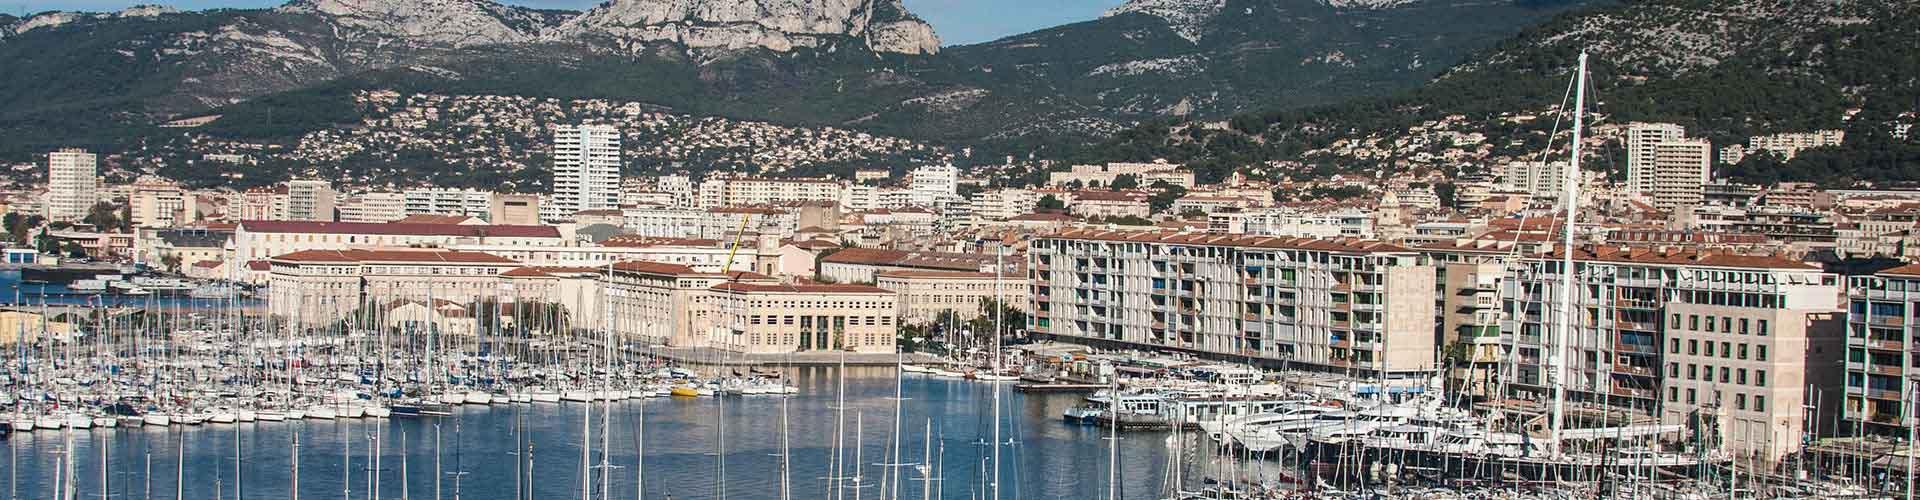 Toulon - Auberges de jeunesse à Toulon. Cartes pour Toulon, photos et commentaires pour chaque auberge de jeunesse à Toulon.